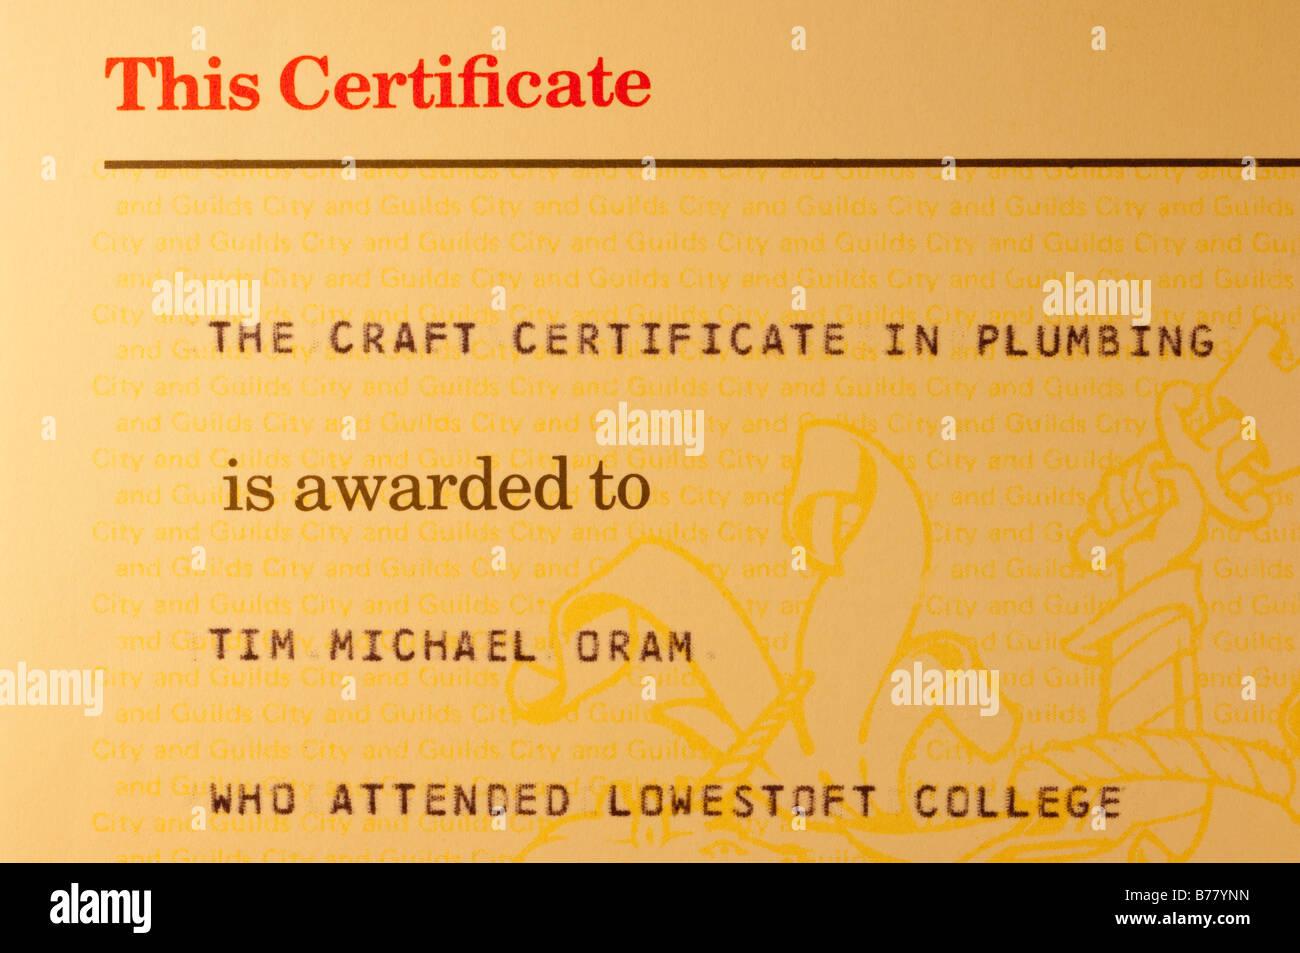 Le certificat d'artisanat en plomberie publié par City and Guilds of London Institute pour la réussite Photo Stock